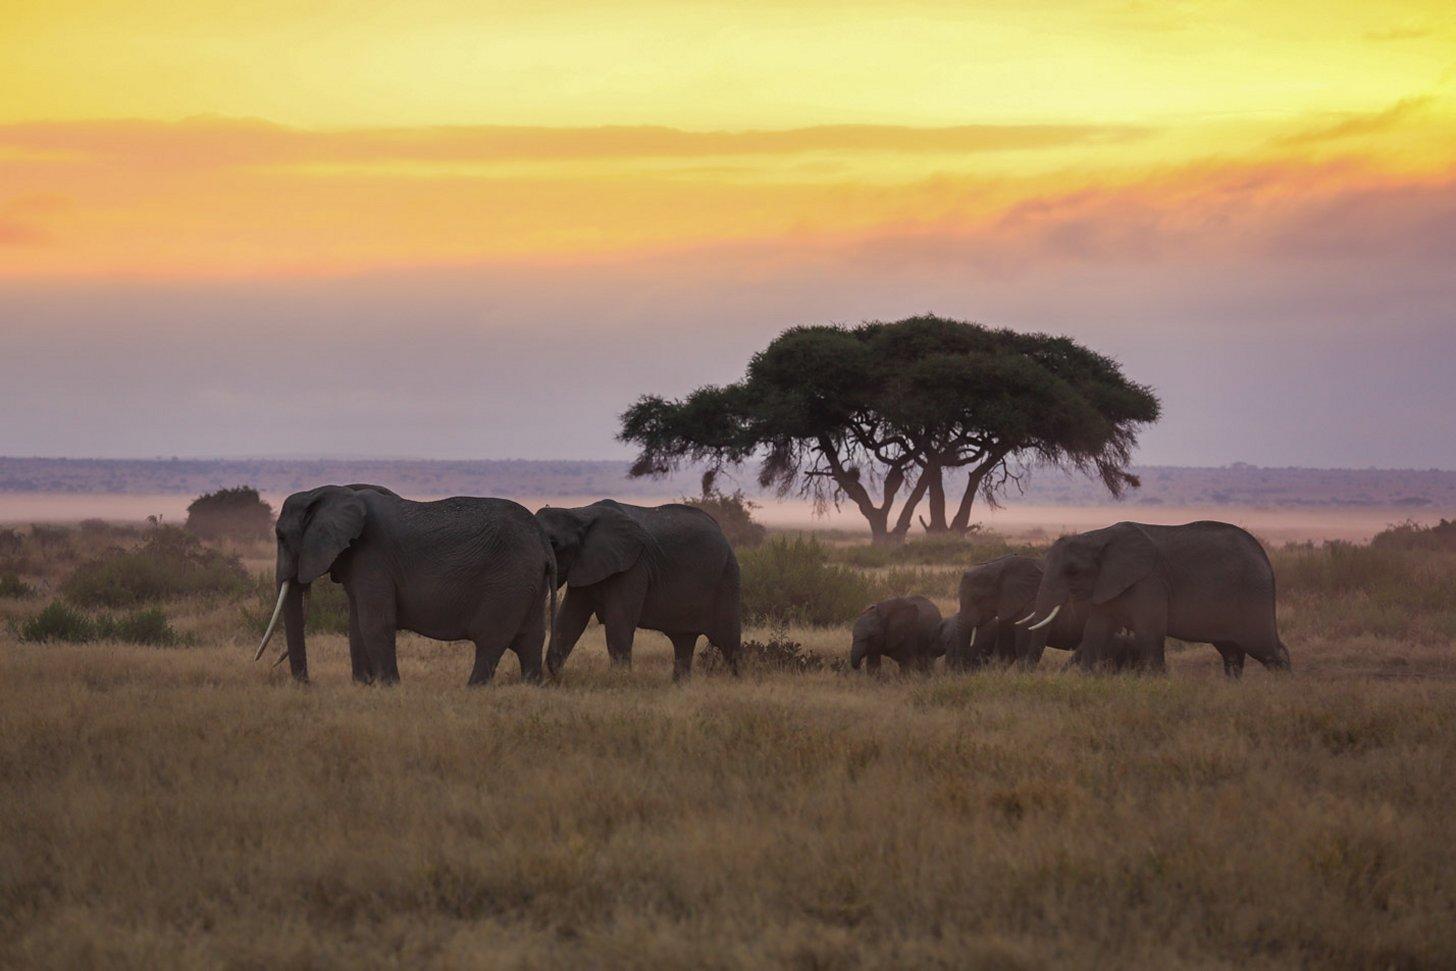 Amboseli National Park is vooral bekend vanwege de vele olifanten die hier leven.